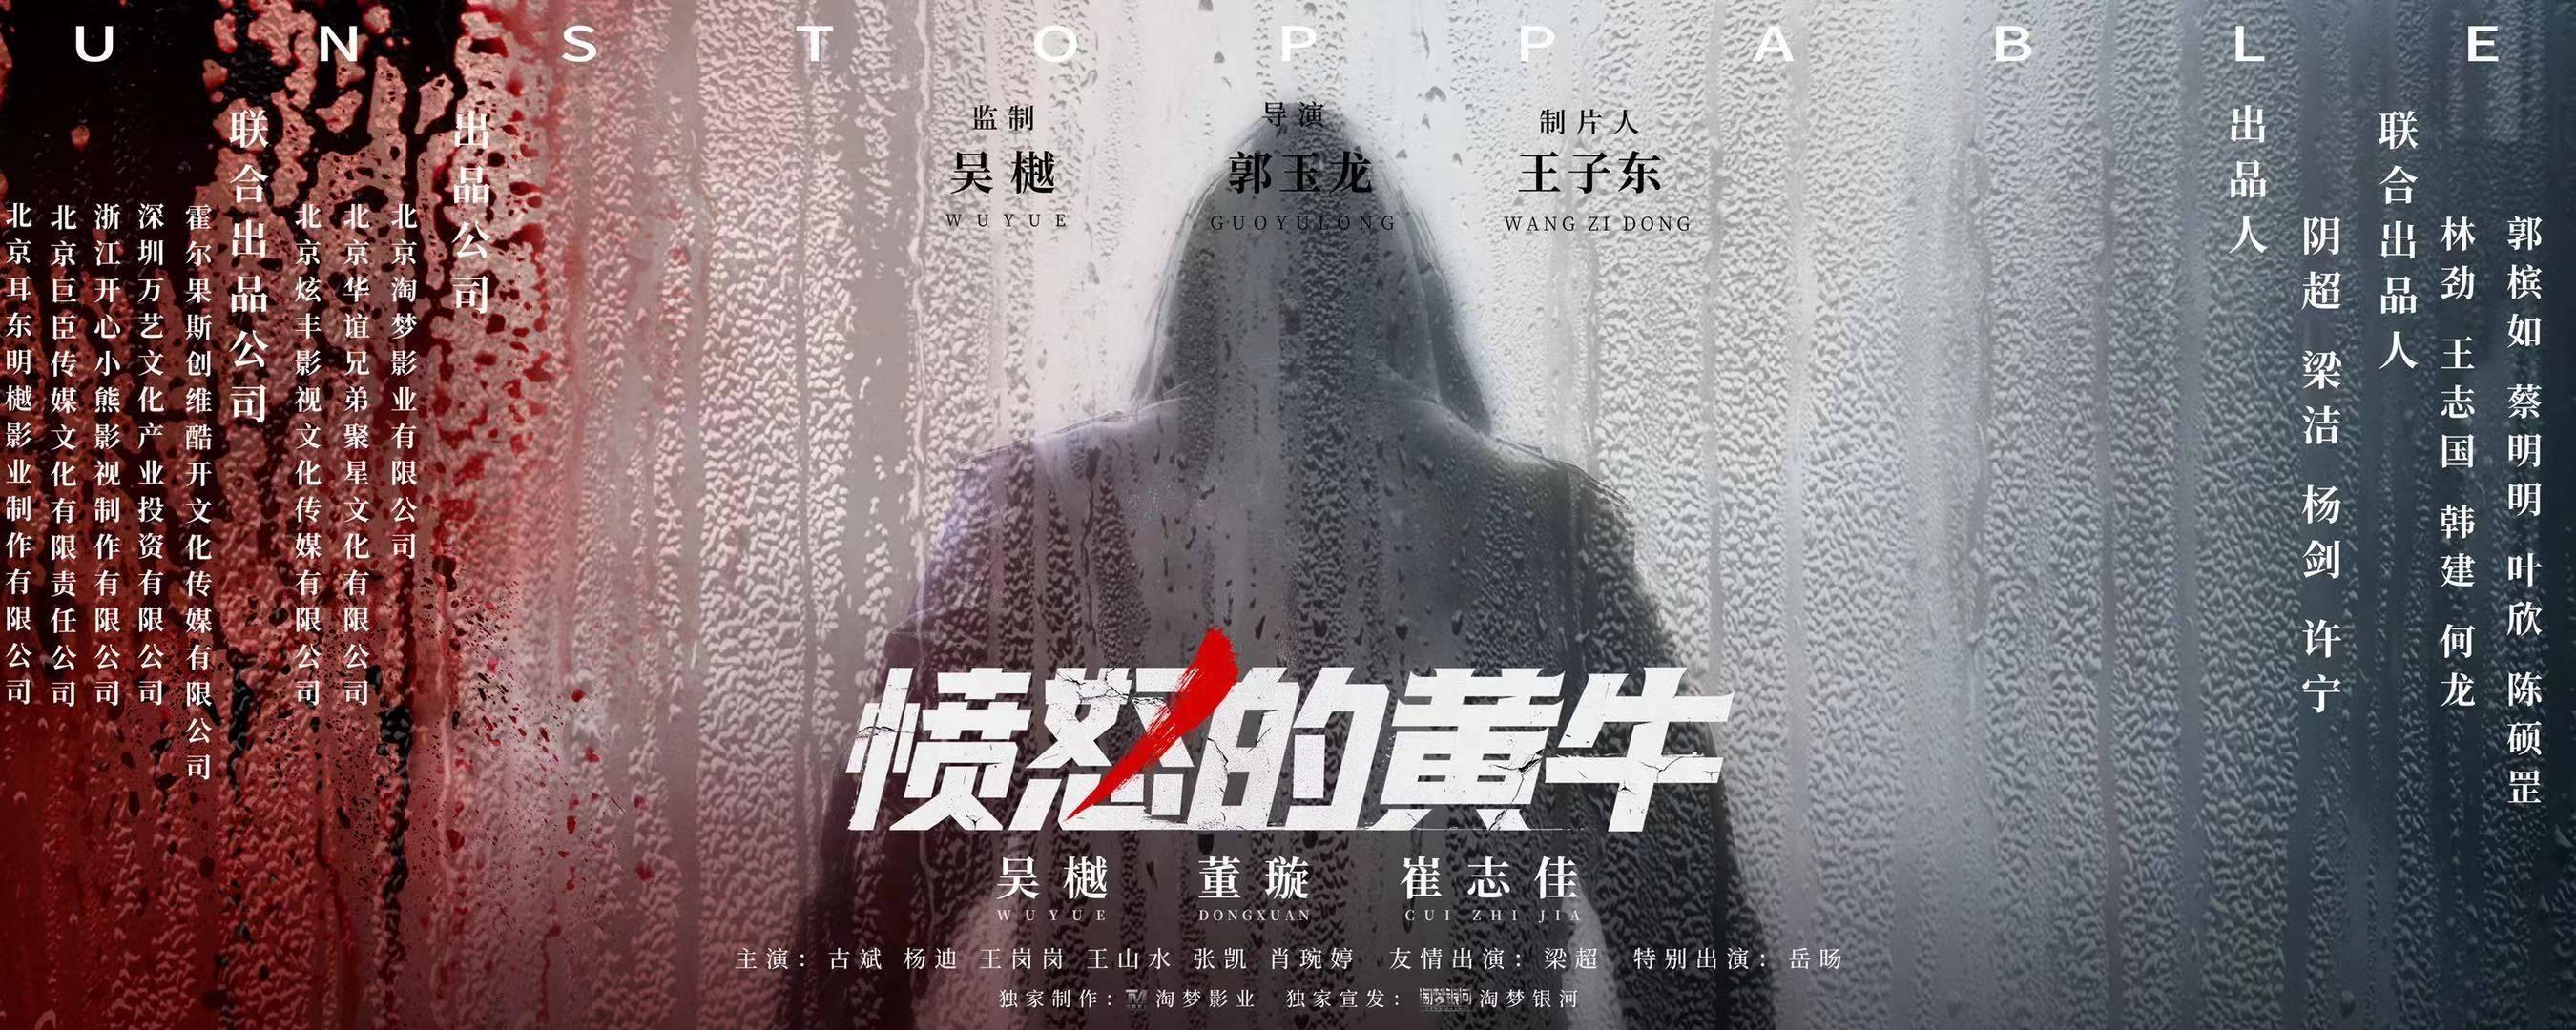 《愤怒的黄牛》湛江开机 吴樾化身孤胆英雄为爱而战